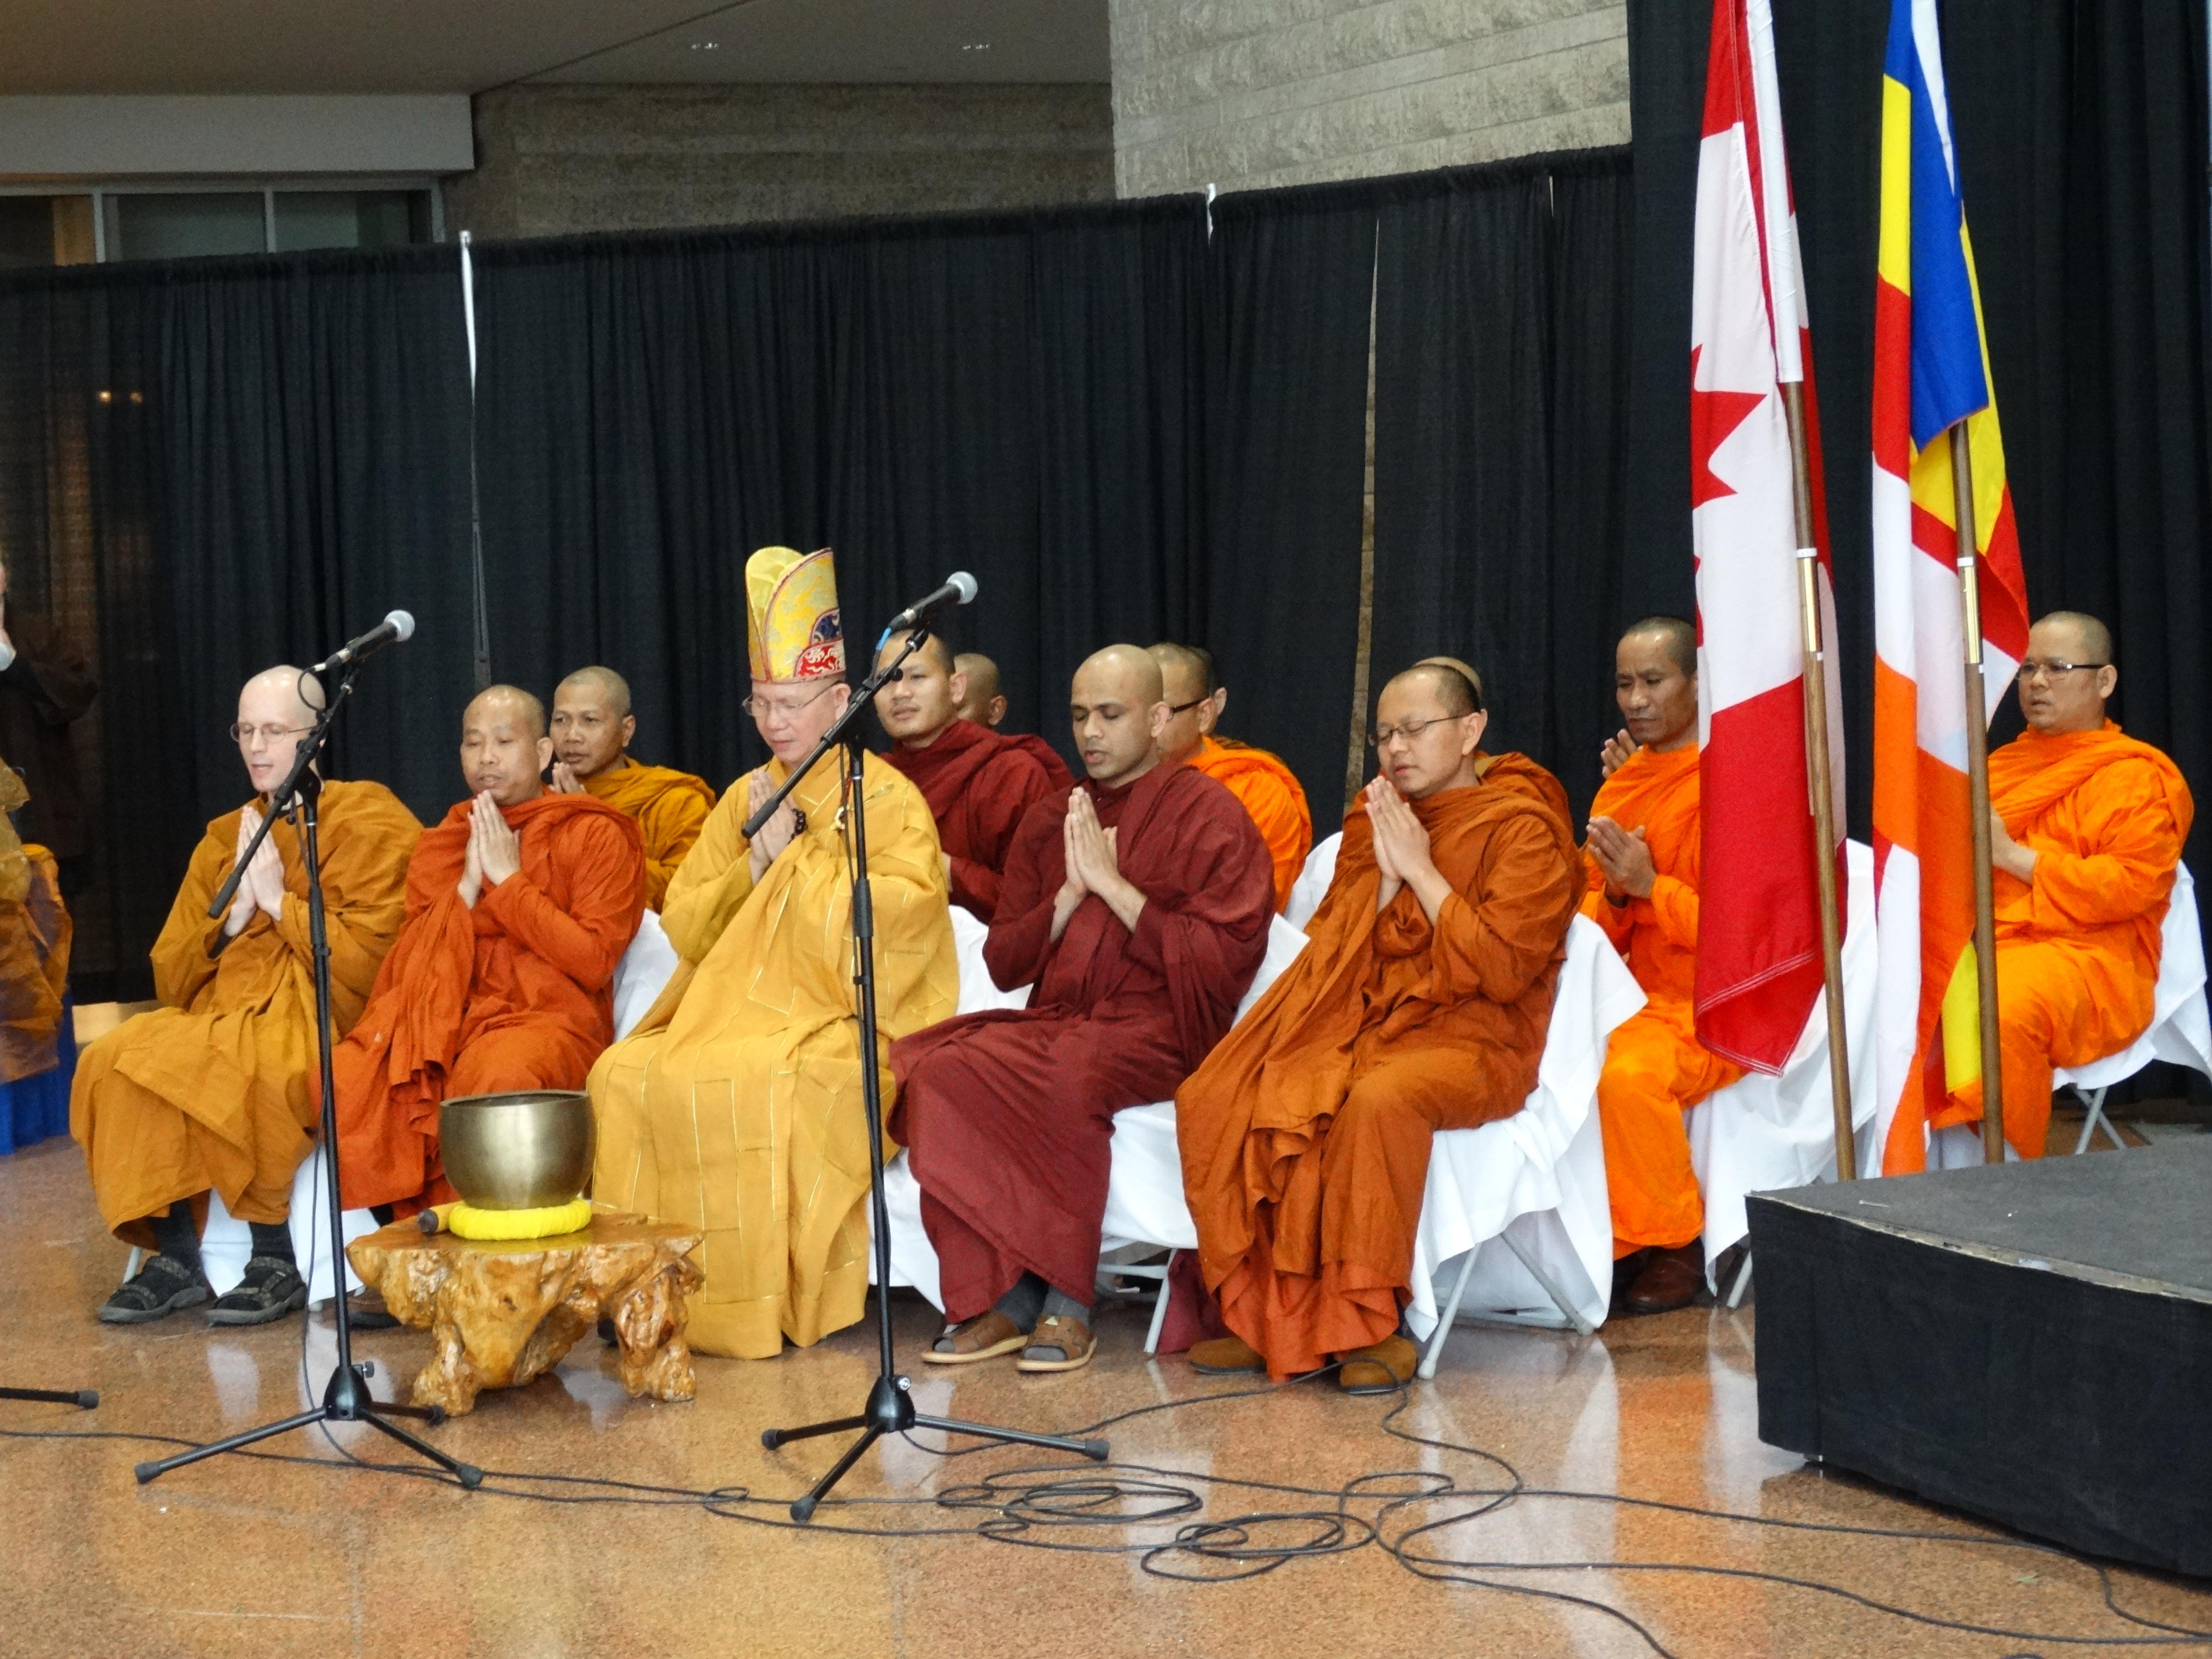 Anggota Sangha membacakan paritta untuk perdamaian dunia dalam perayaan hari Vesak 2014 di Balai Kota Ottawa, Kanada. Foto: